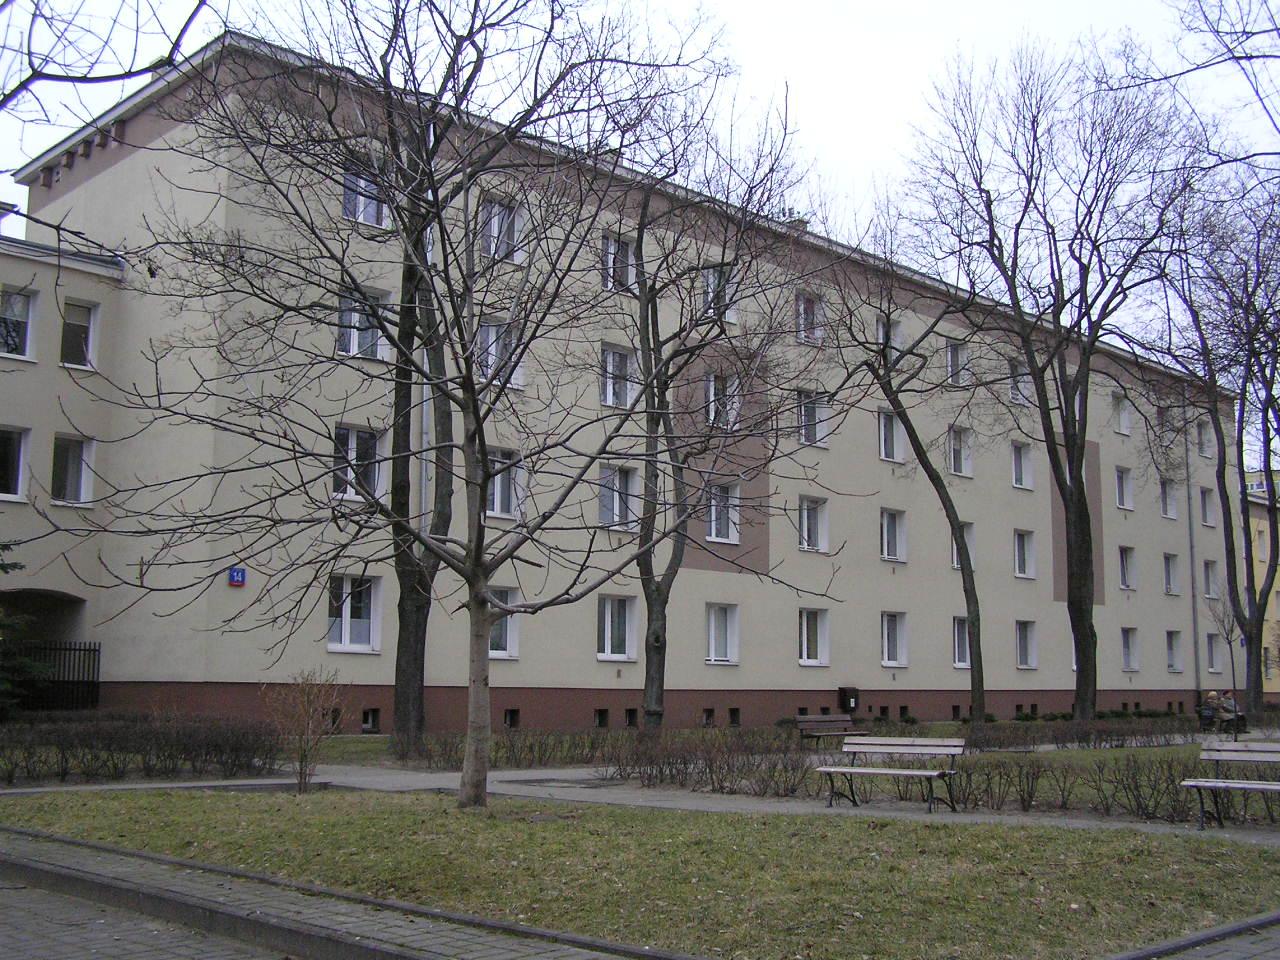 Budynek przy ulicy Rozłuckiej 14 na Grochowie